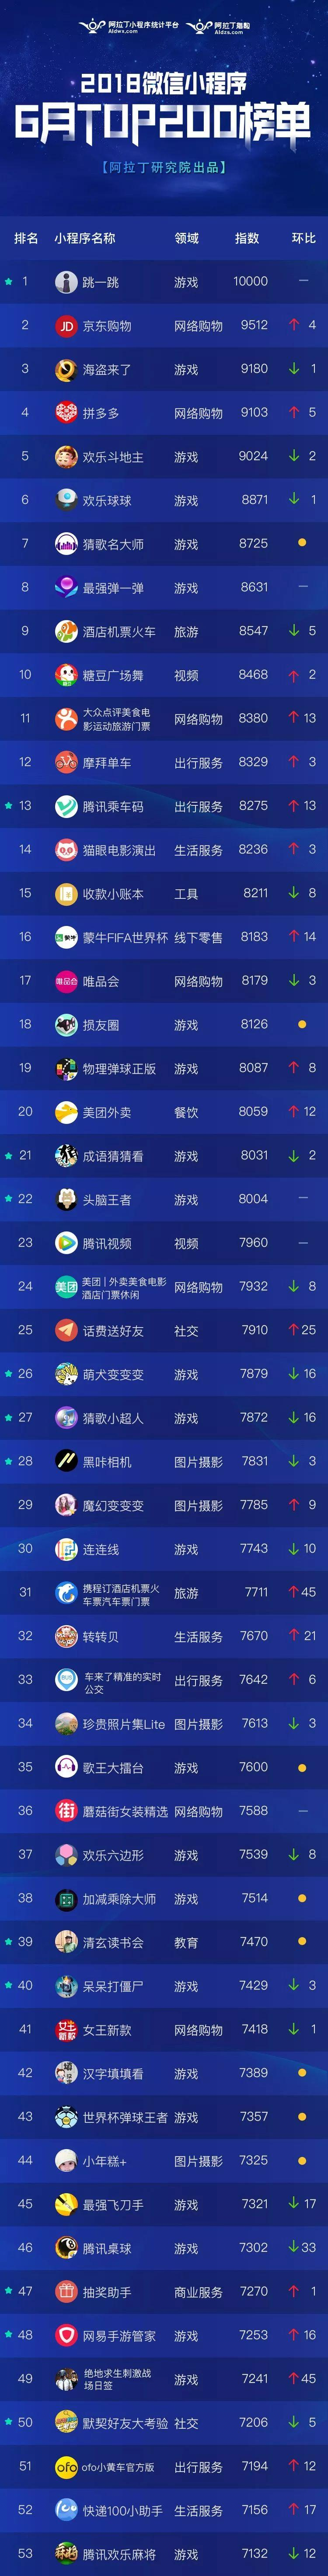 2018年6月小程序TOP200榜单